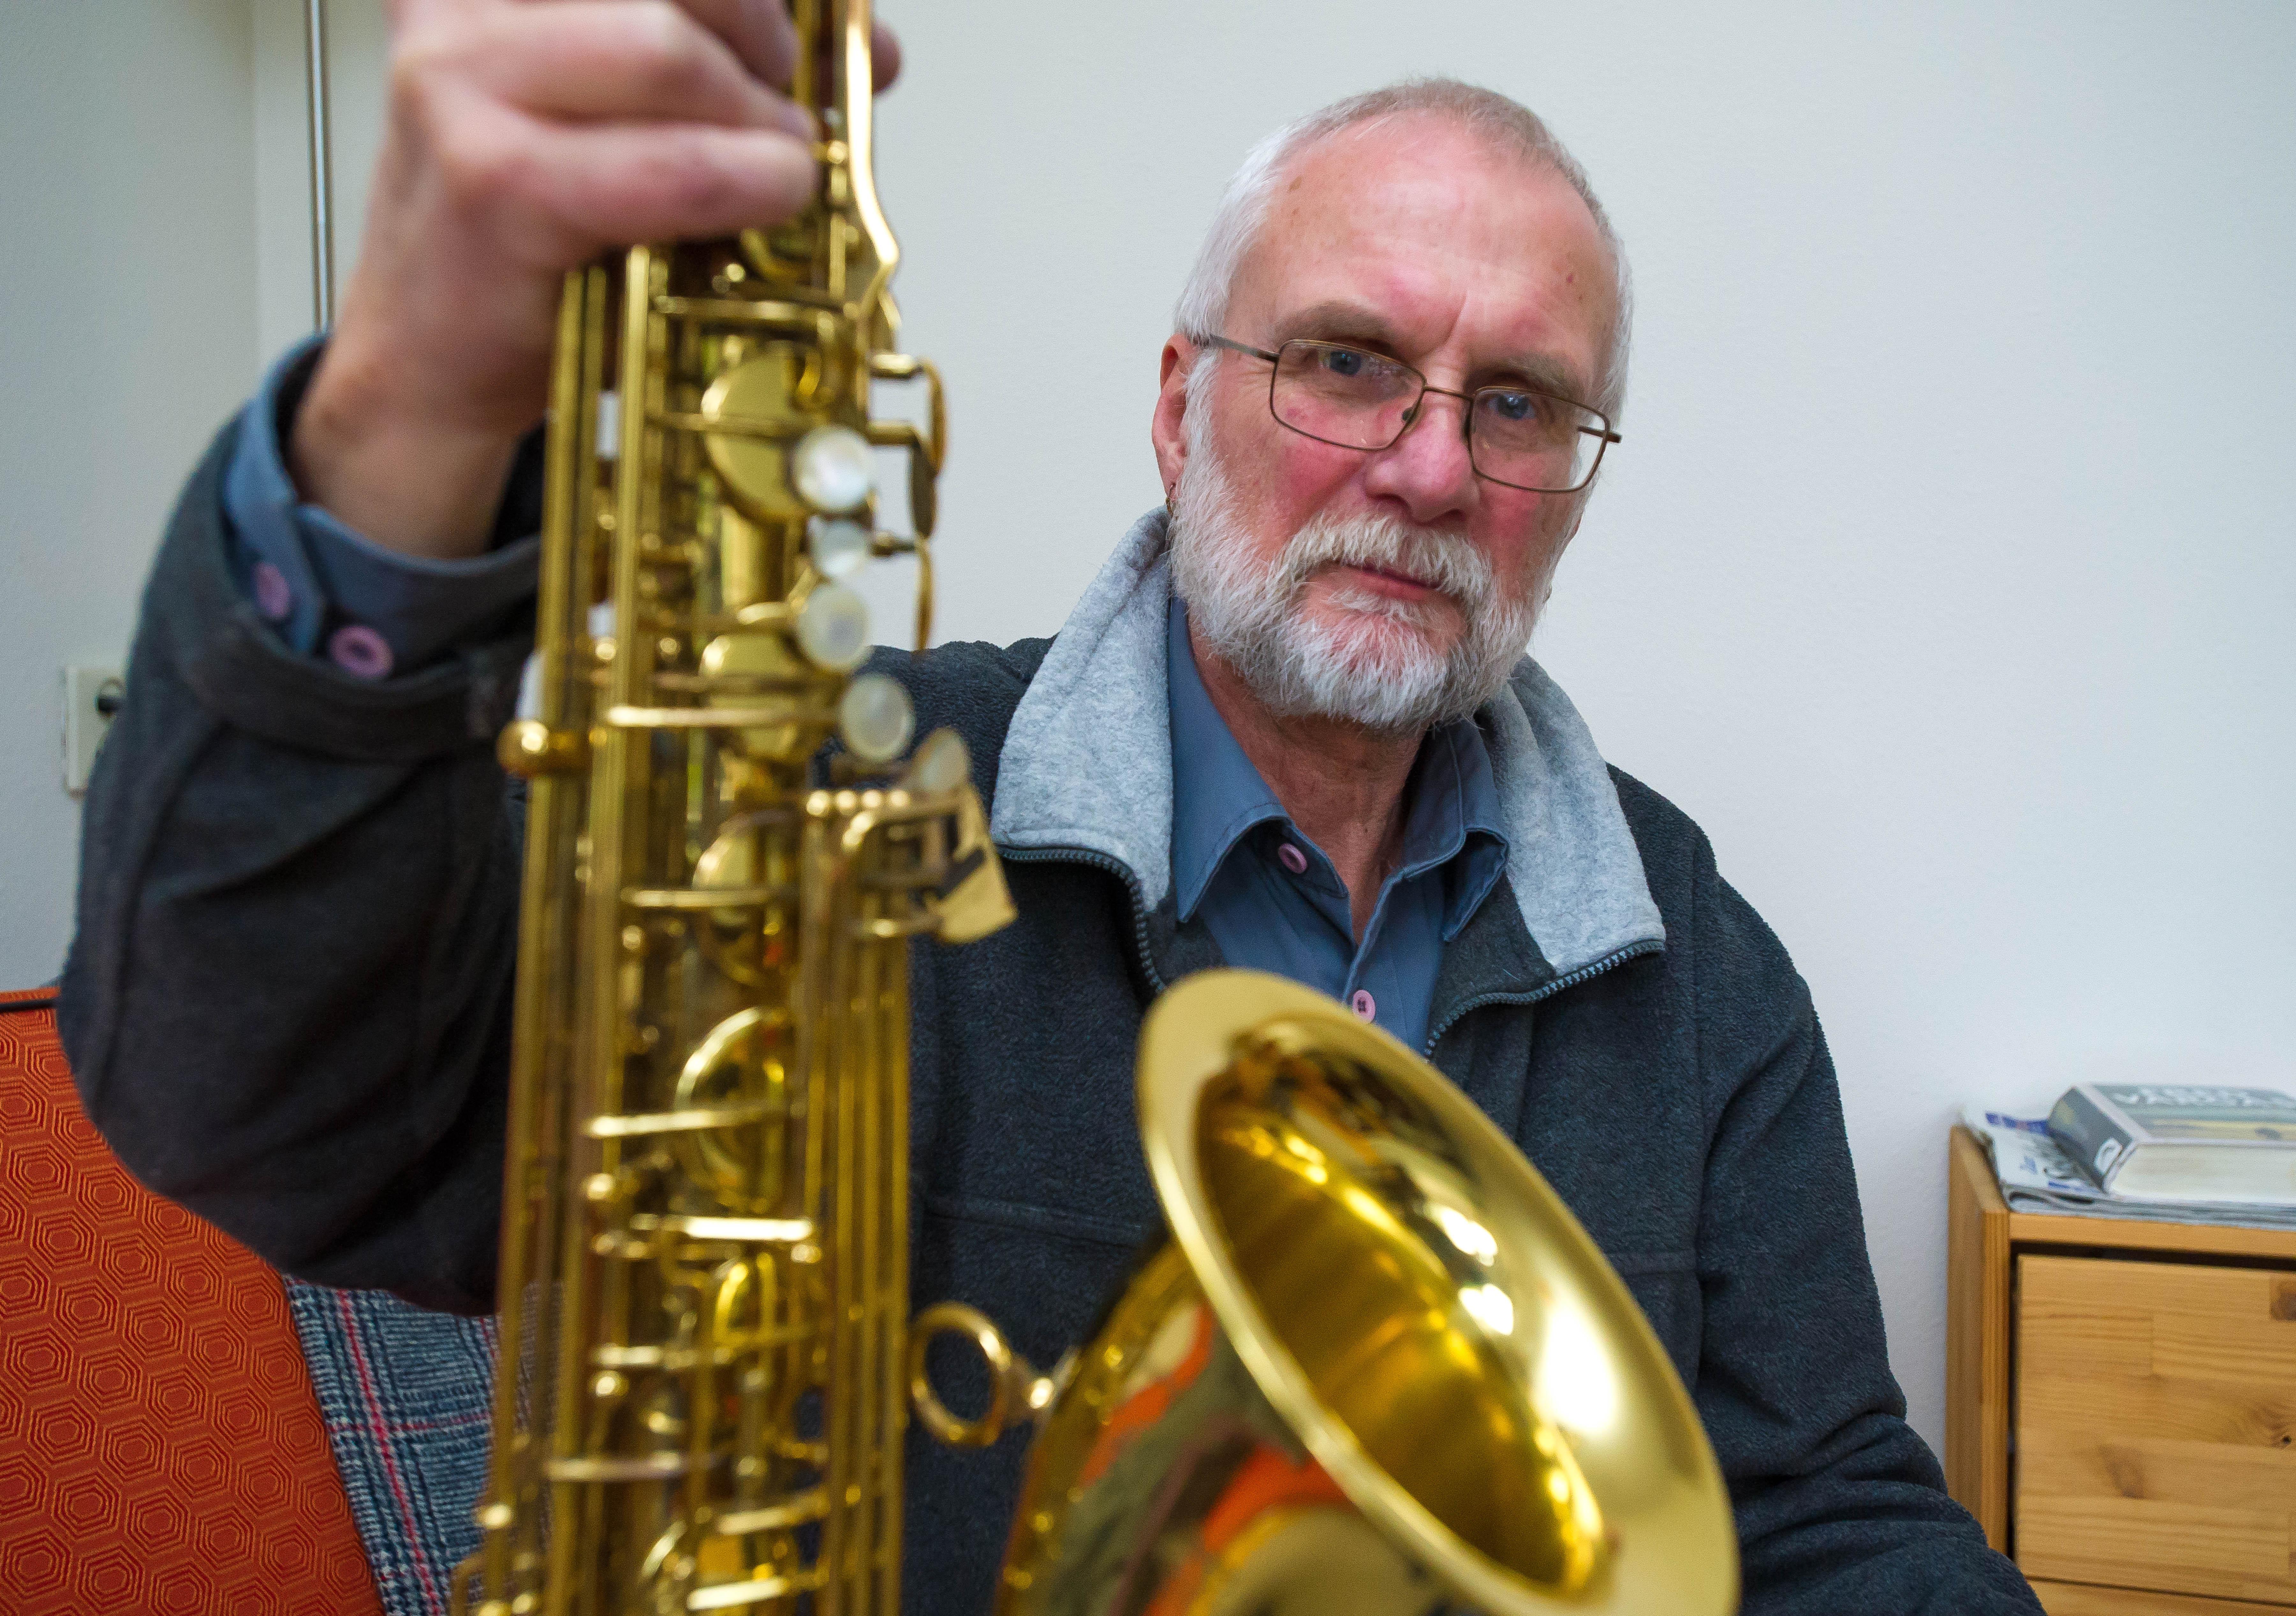 Complex conflict over saxofoon: Parteon wil huurder uit huis in Wormerveer